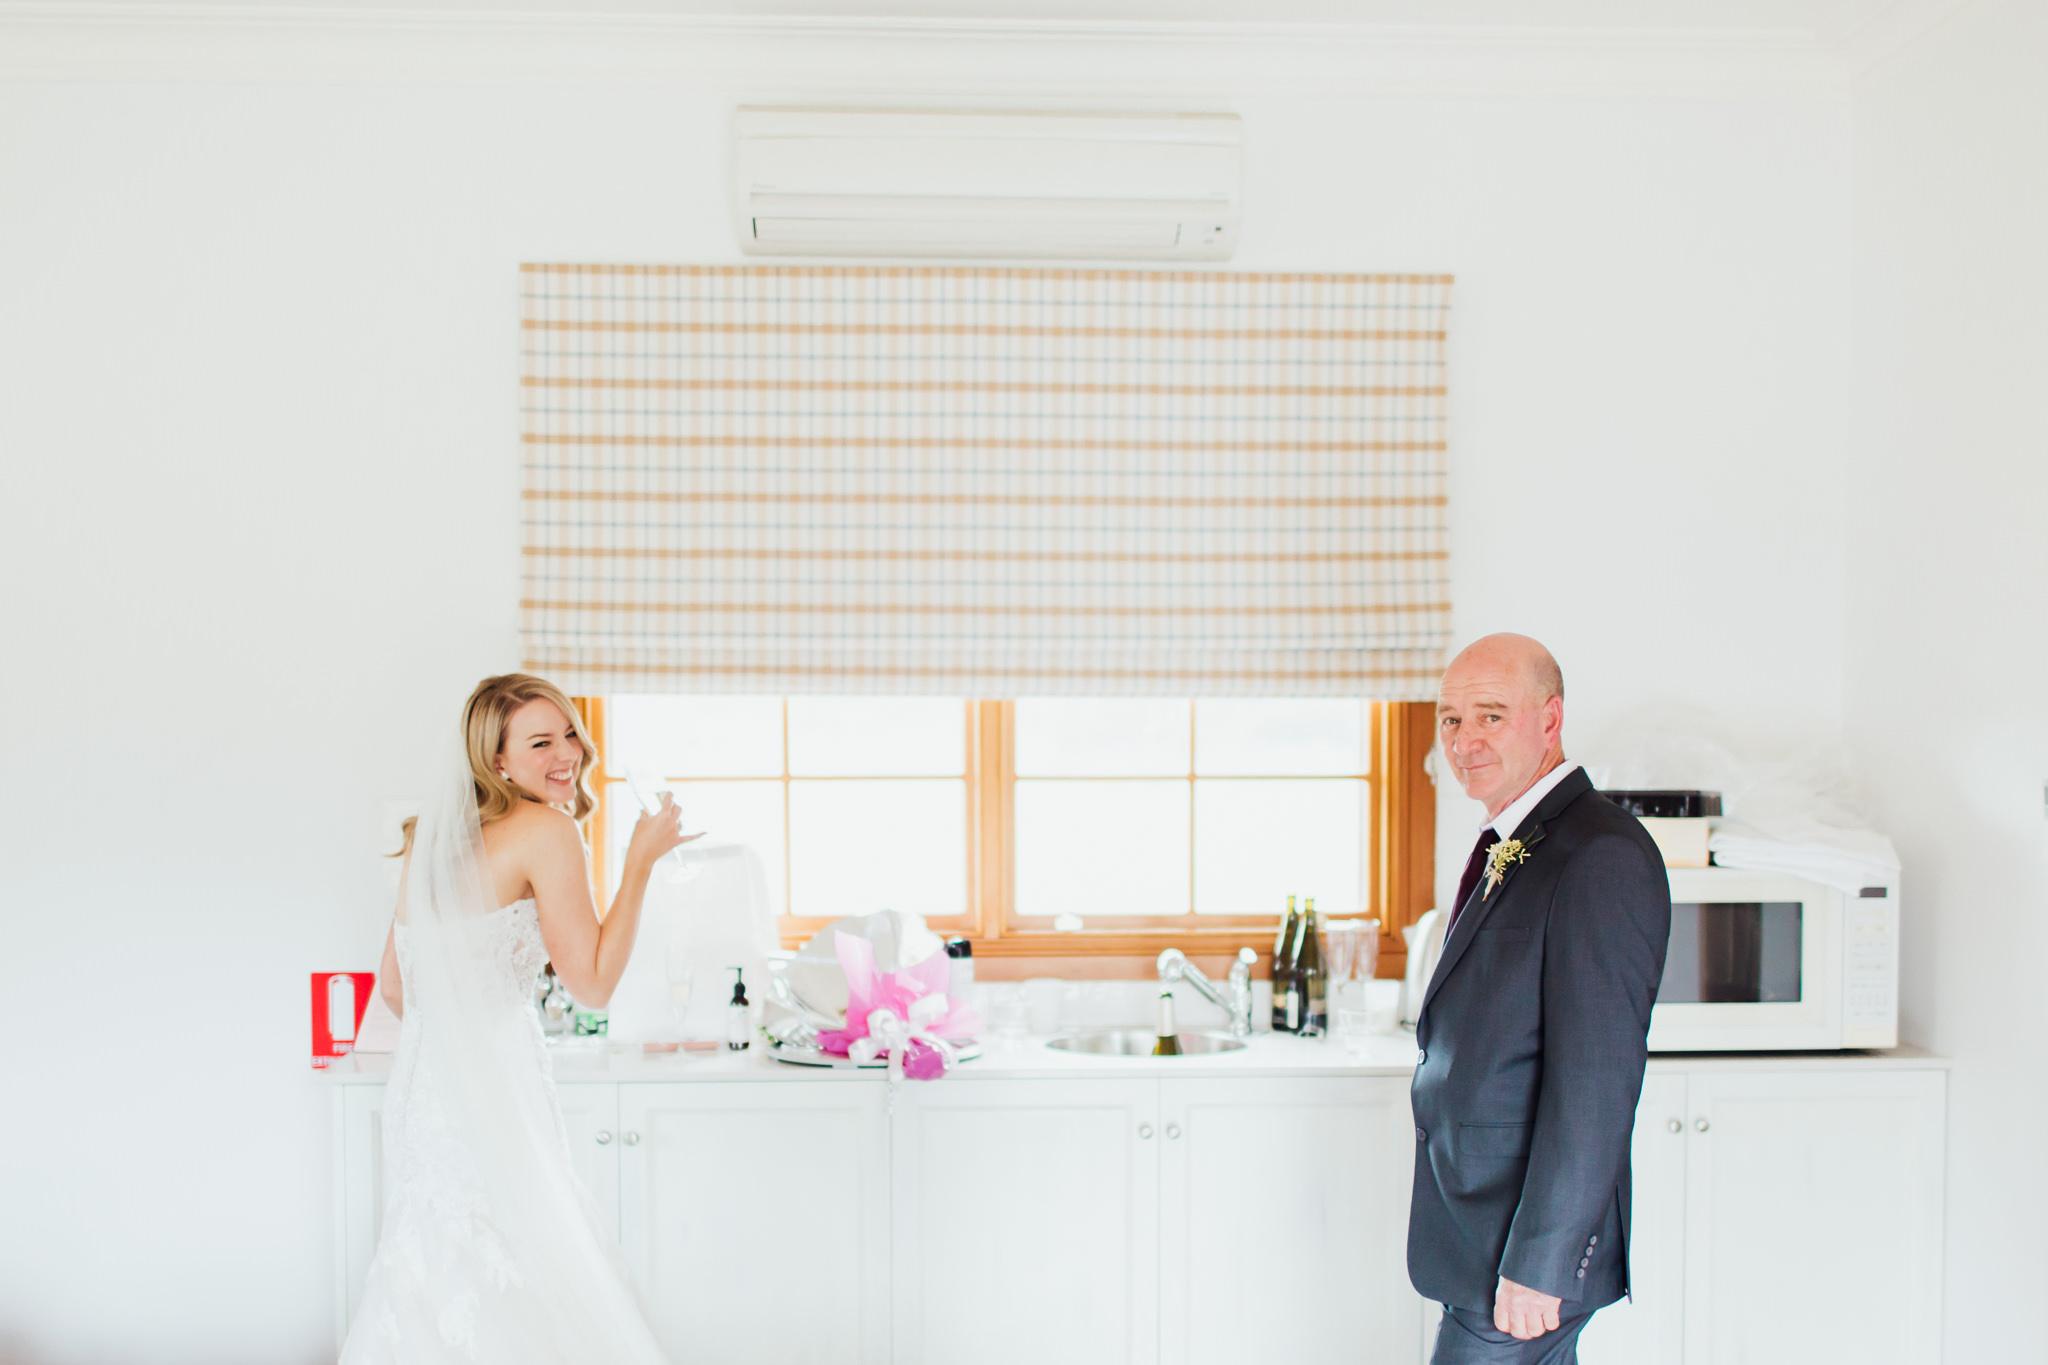 WeddingPhotos_Facebook_2048pixels-1026.jpg